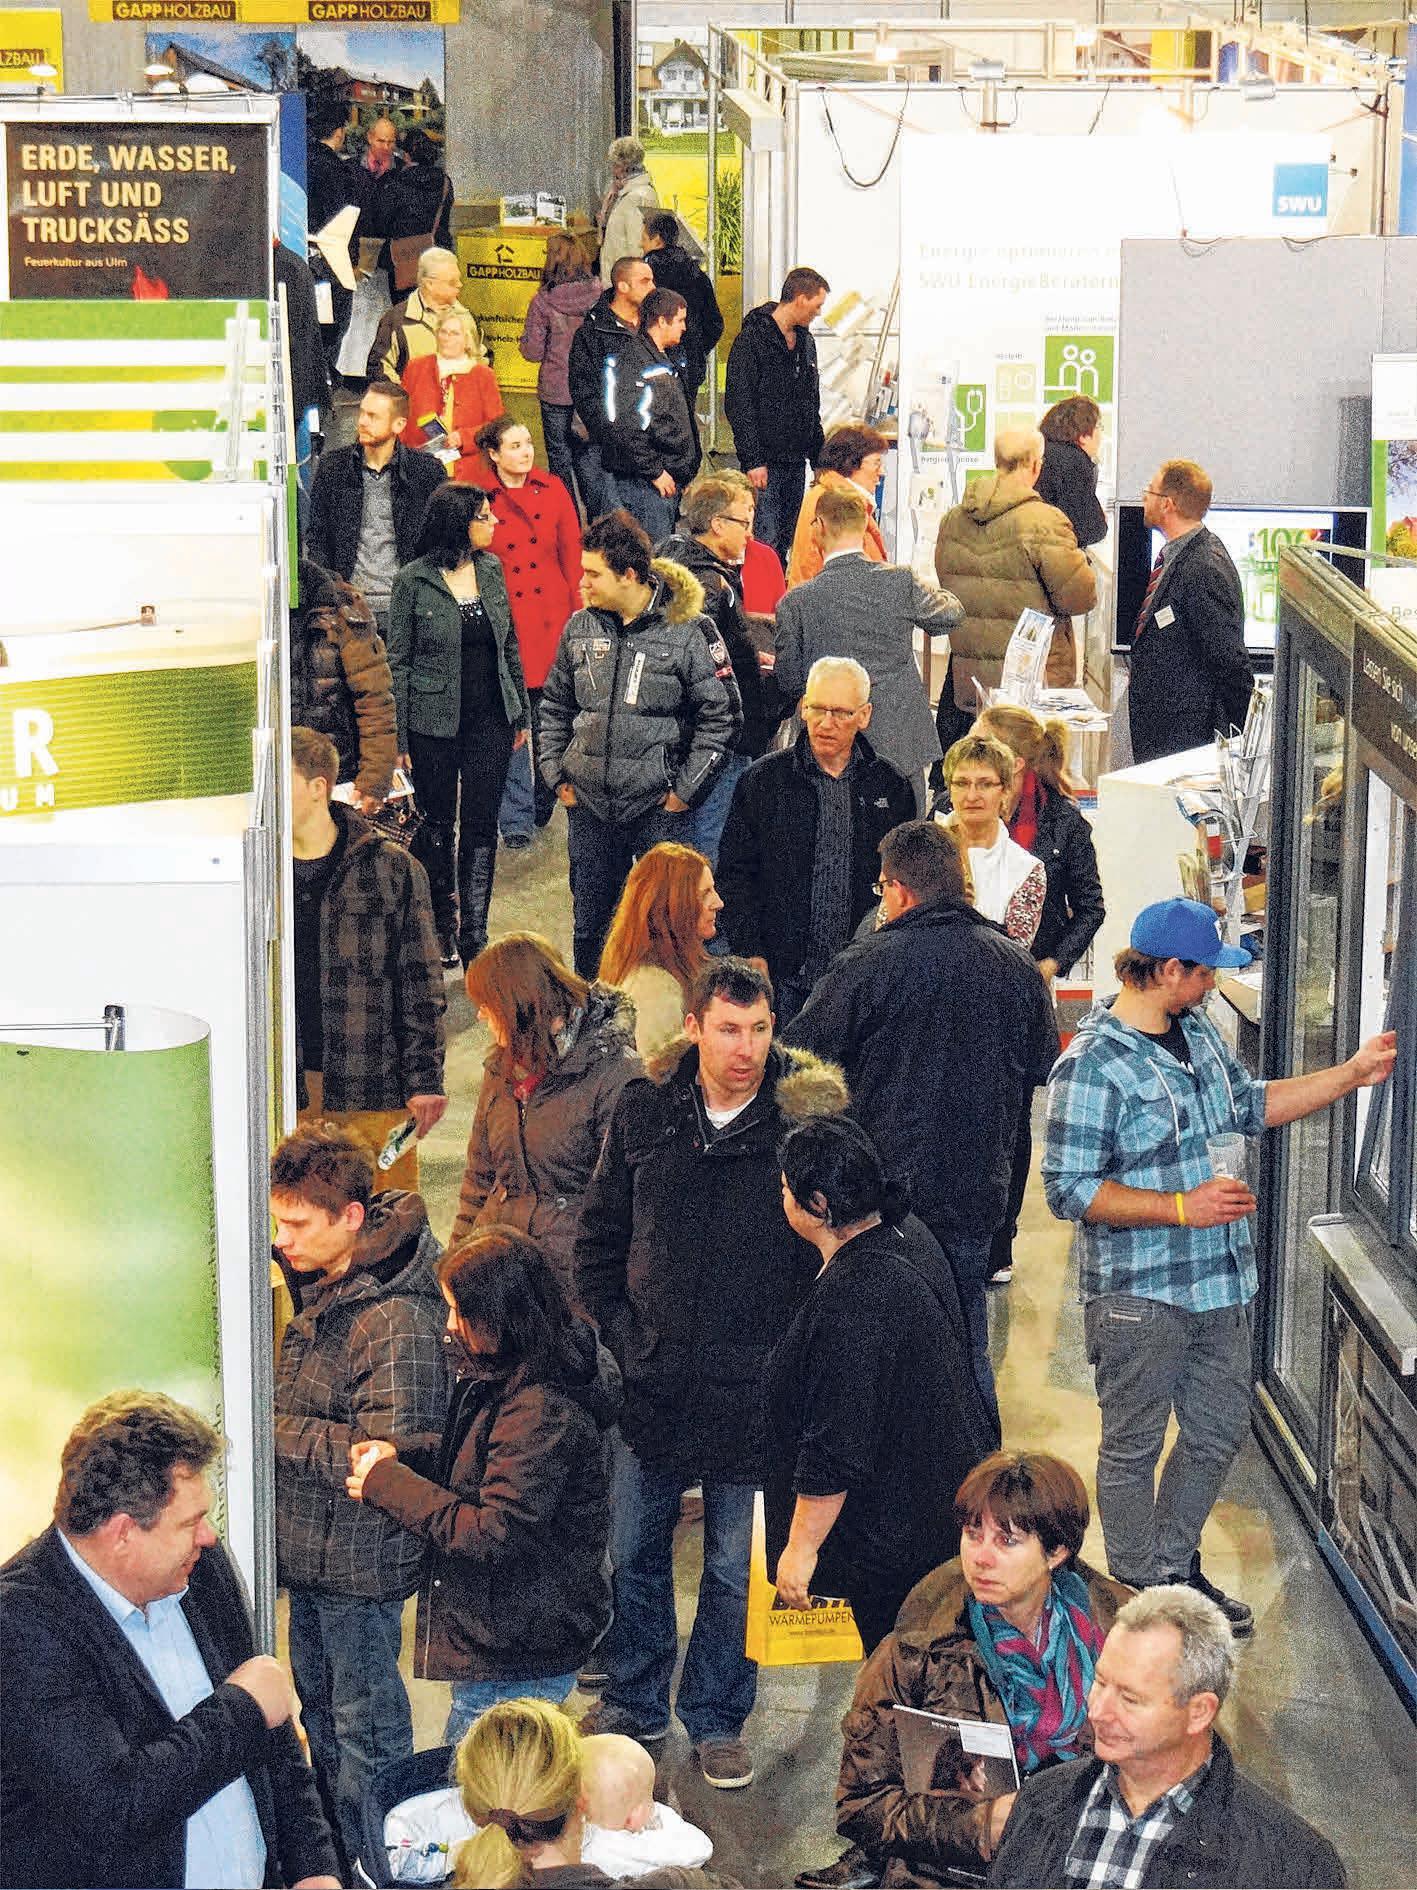 Zahlreiche regionale Fachbetriebe präsentieren sich bei der Bau- und Immobilienmesse meinZuhause! am Samstag und Sonntag von jeweils 11 bis 17 Uhr in Aalen. FOTO: ARCHIV/COLOURBOX.DE